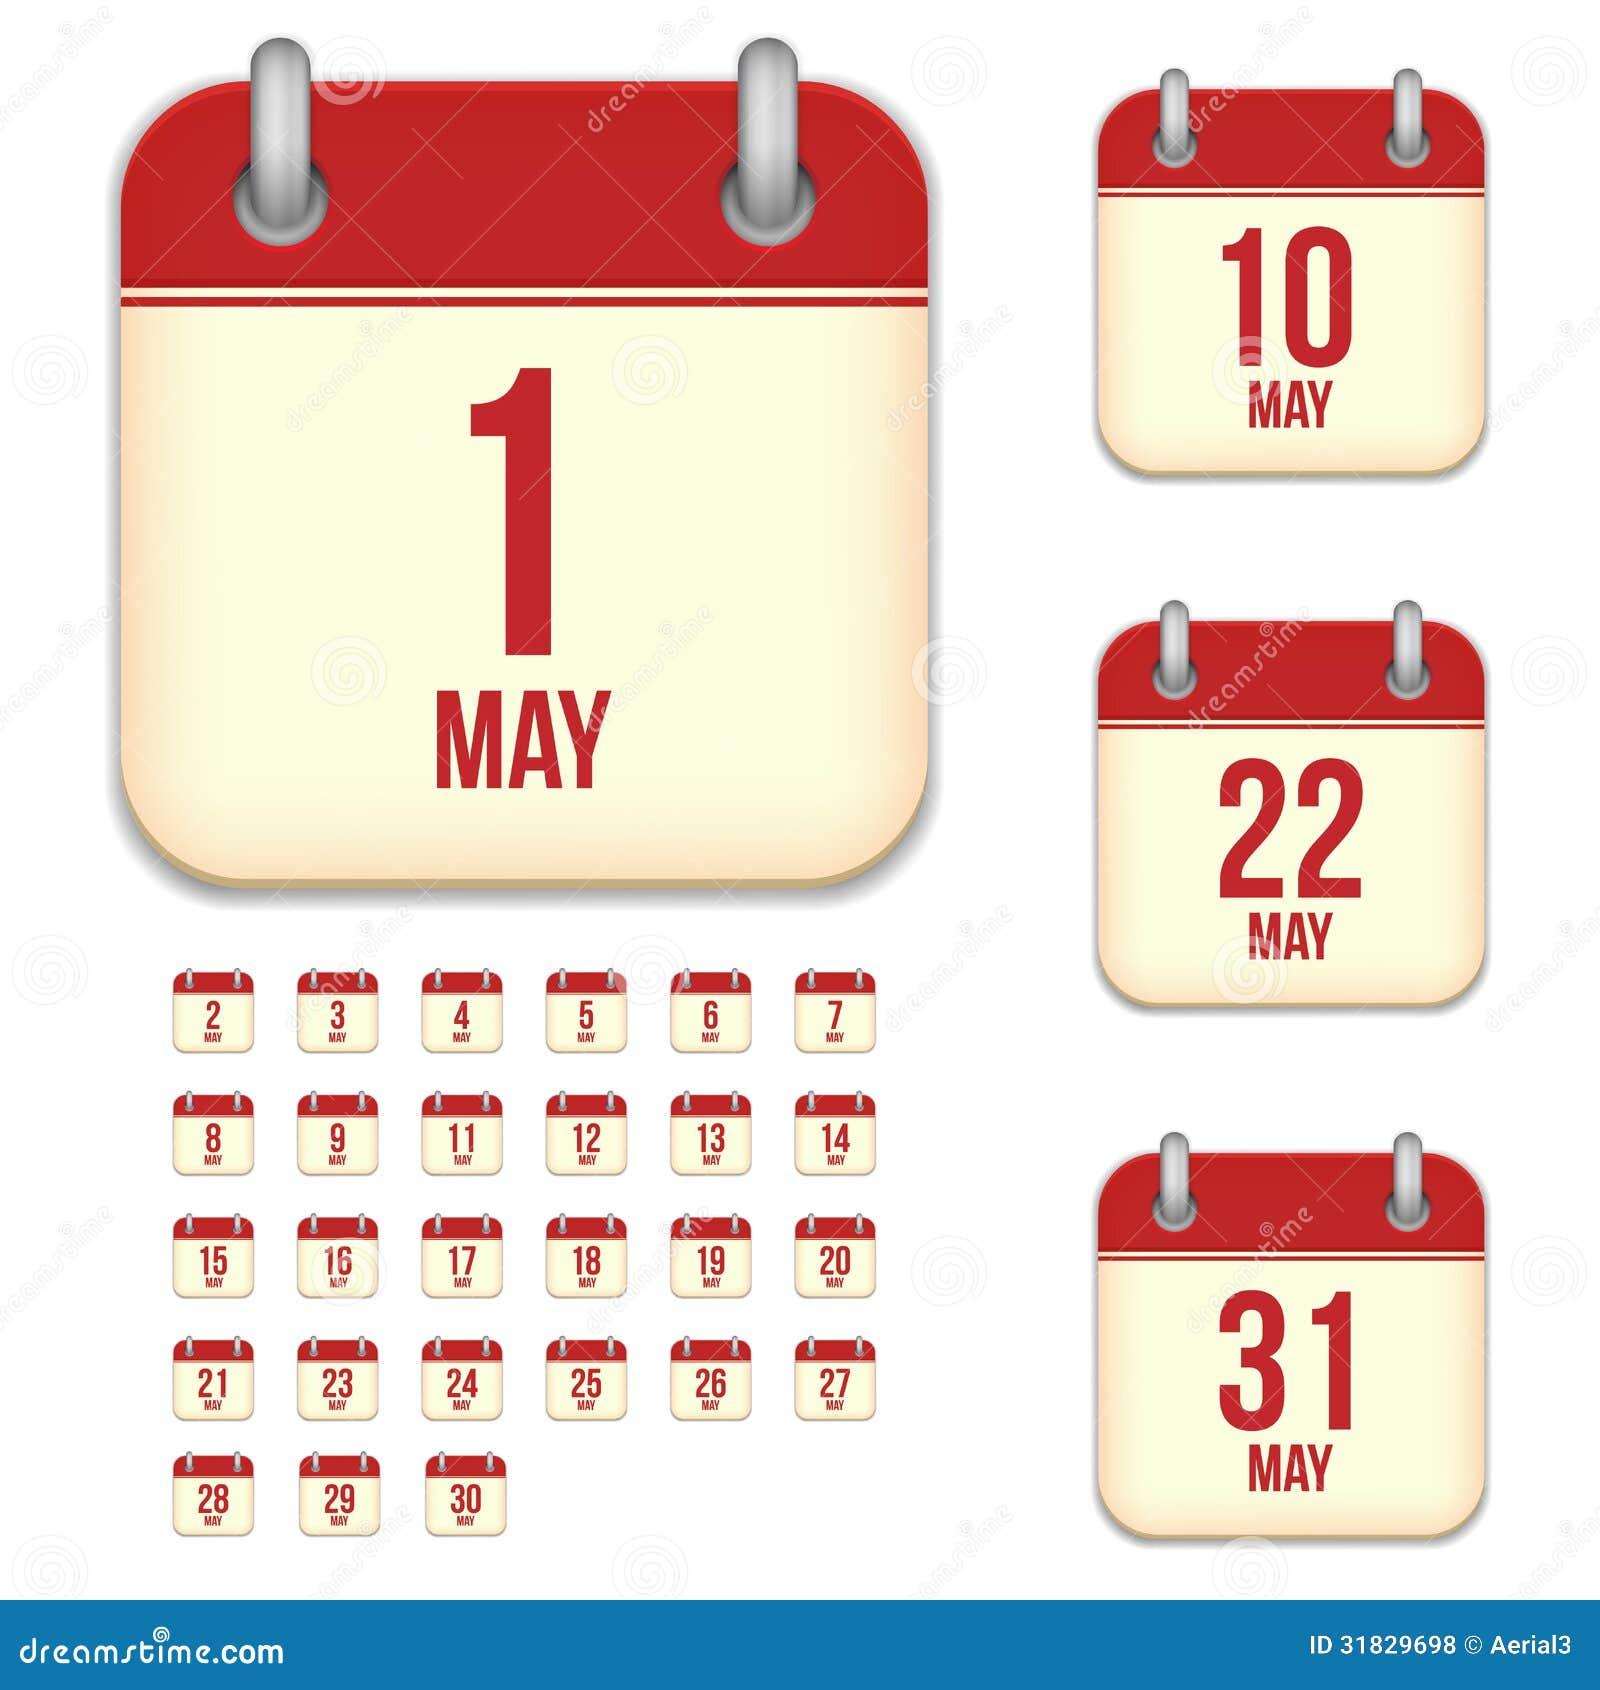 May Calendar Vector : May vector calendar icons royalty free stock photos